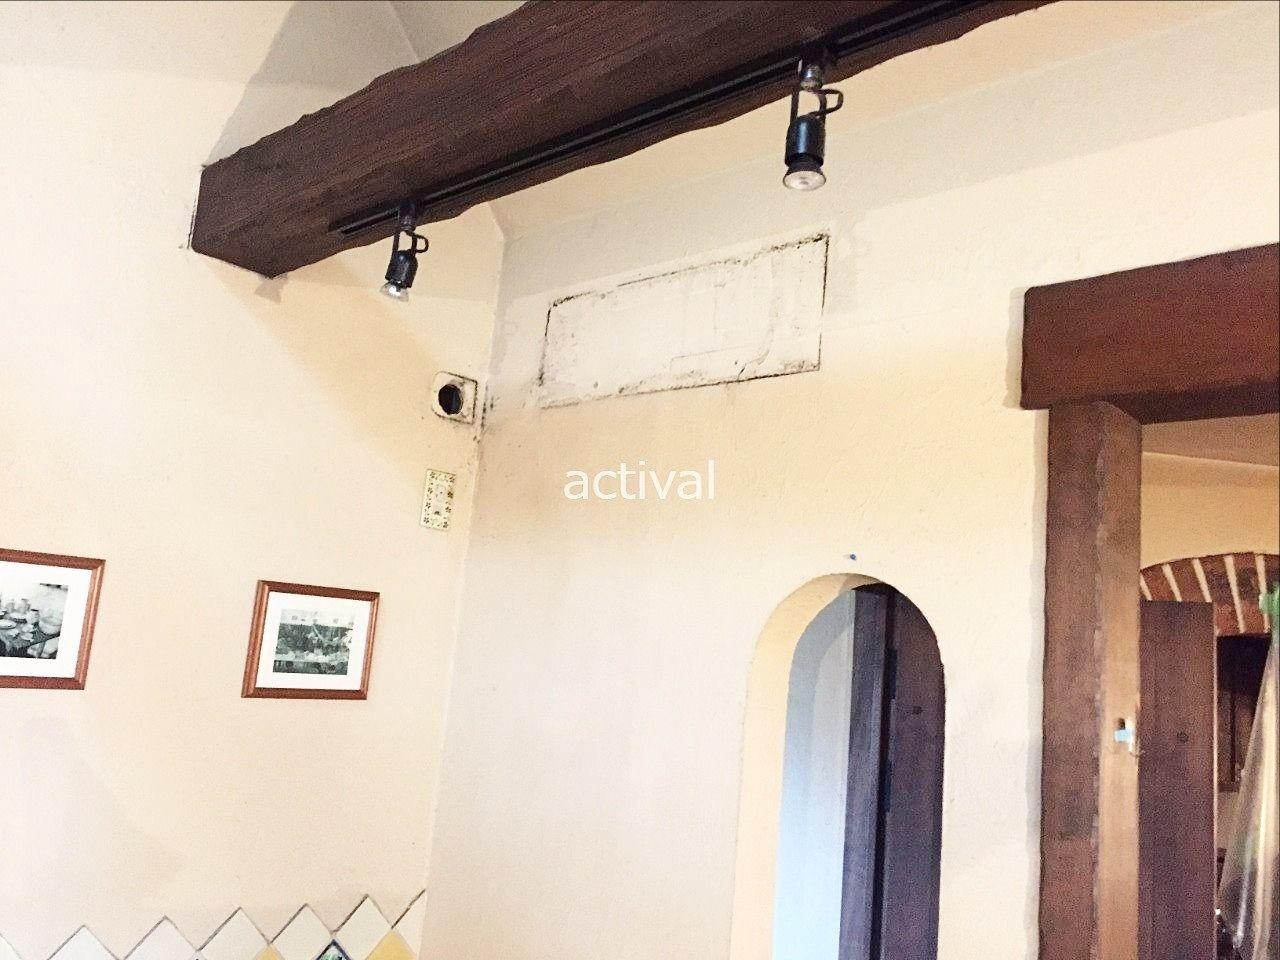 壁掛け型のエアコン工事の様子④です。